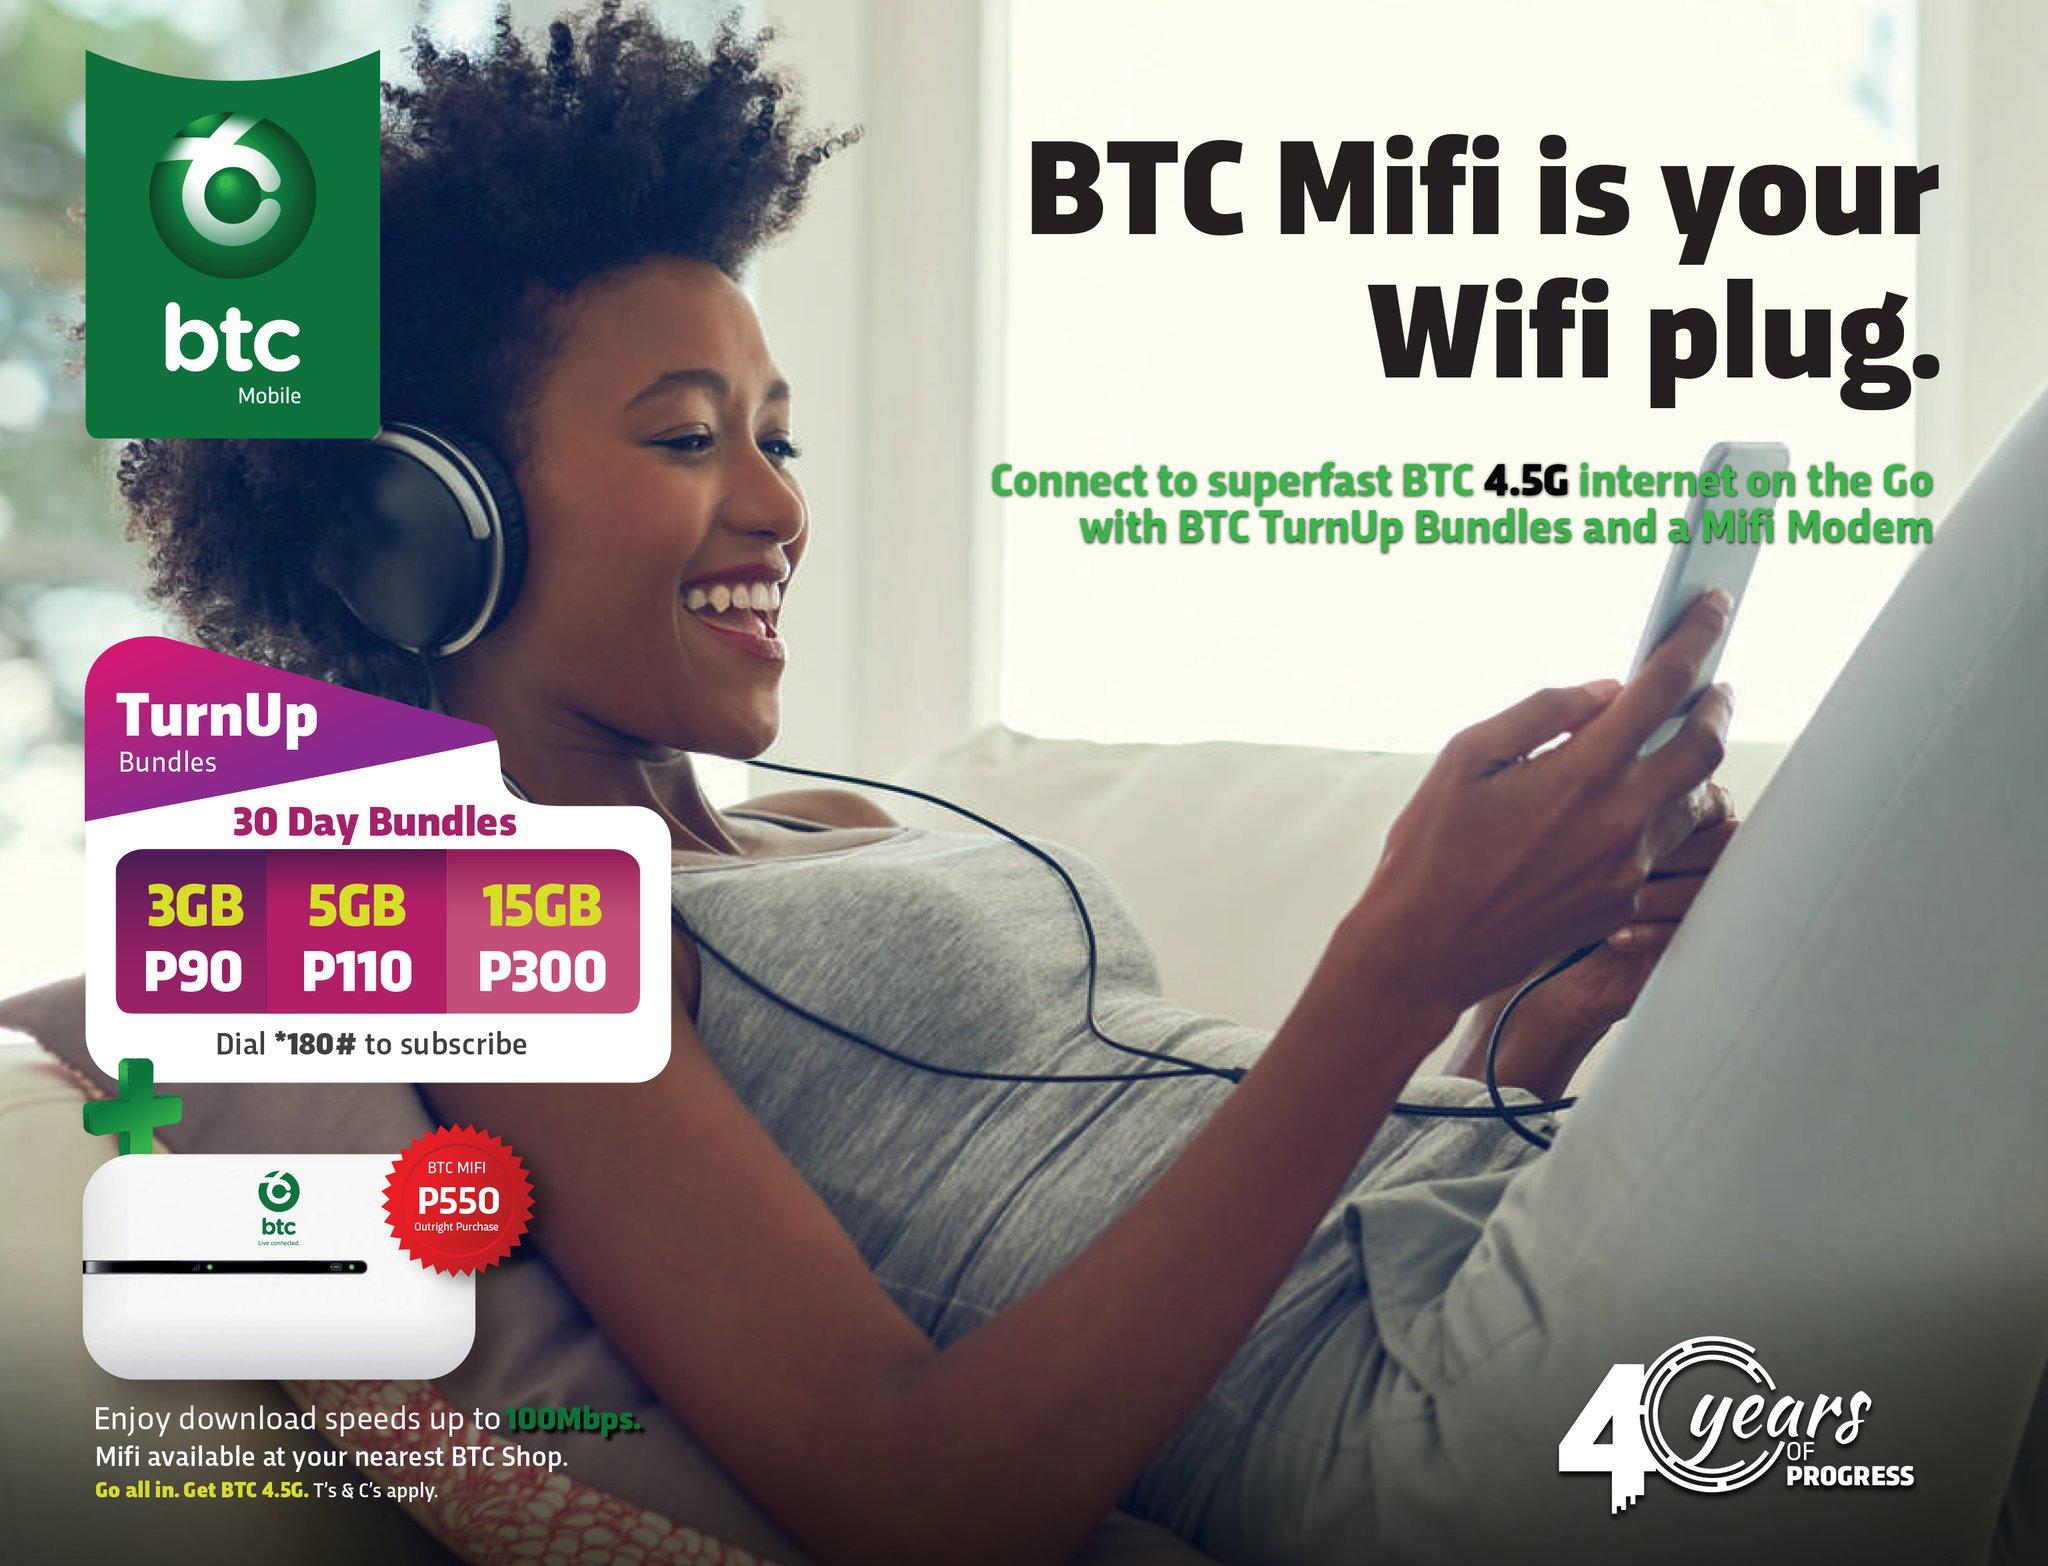 Interneto greitis mbps. Koks turėtų būti belaidžio (Wi-Fi) interneto greitis? - DUK - Telia